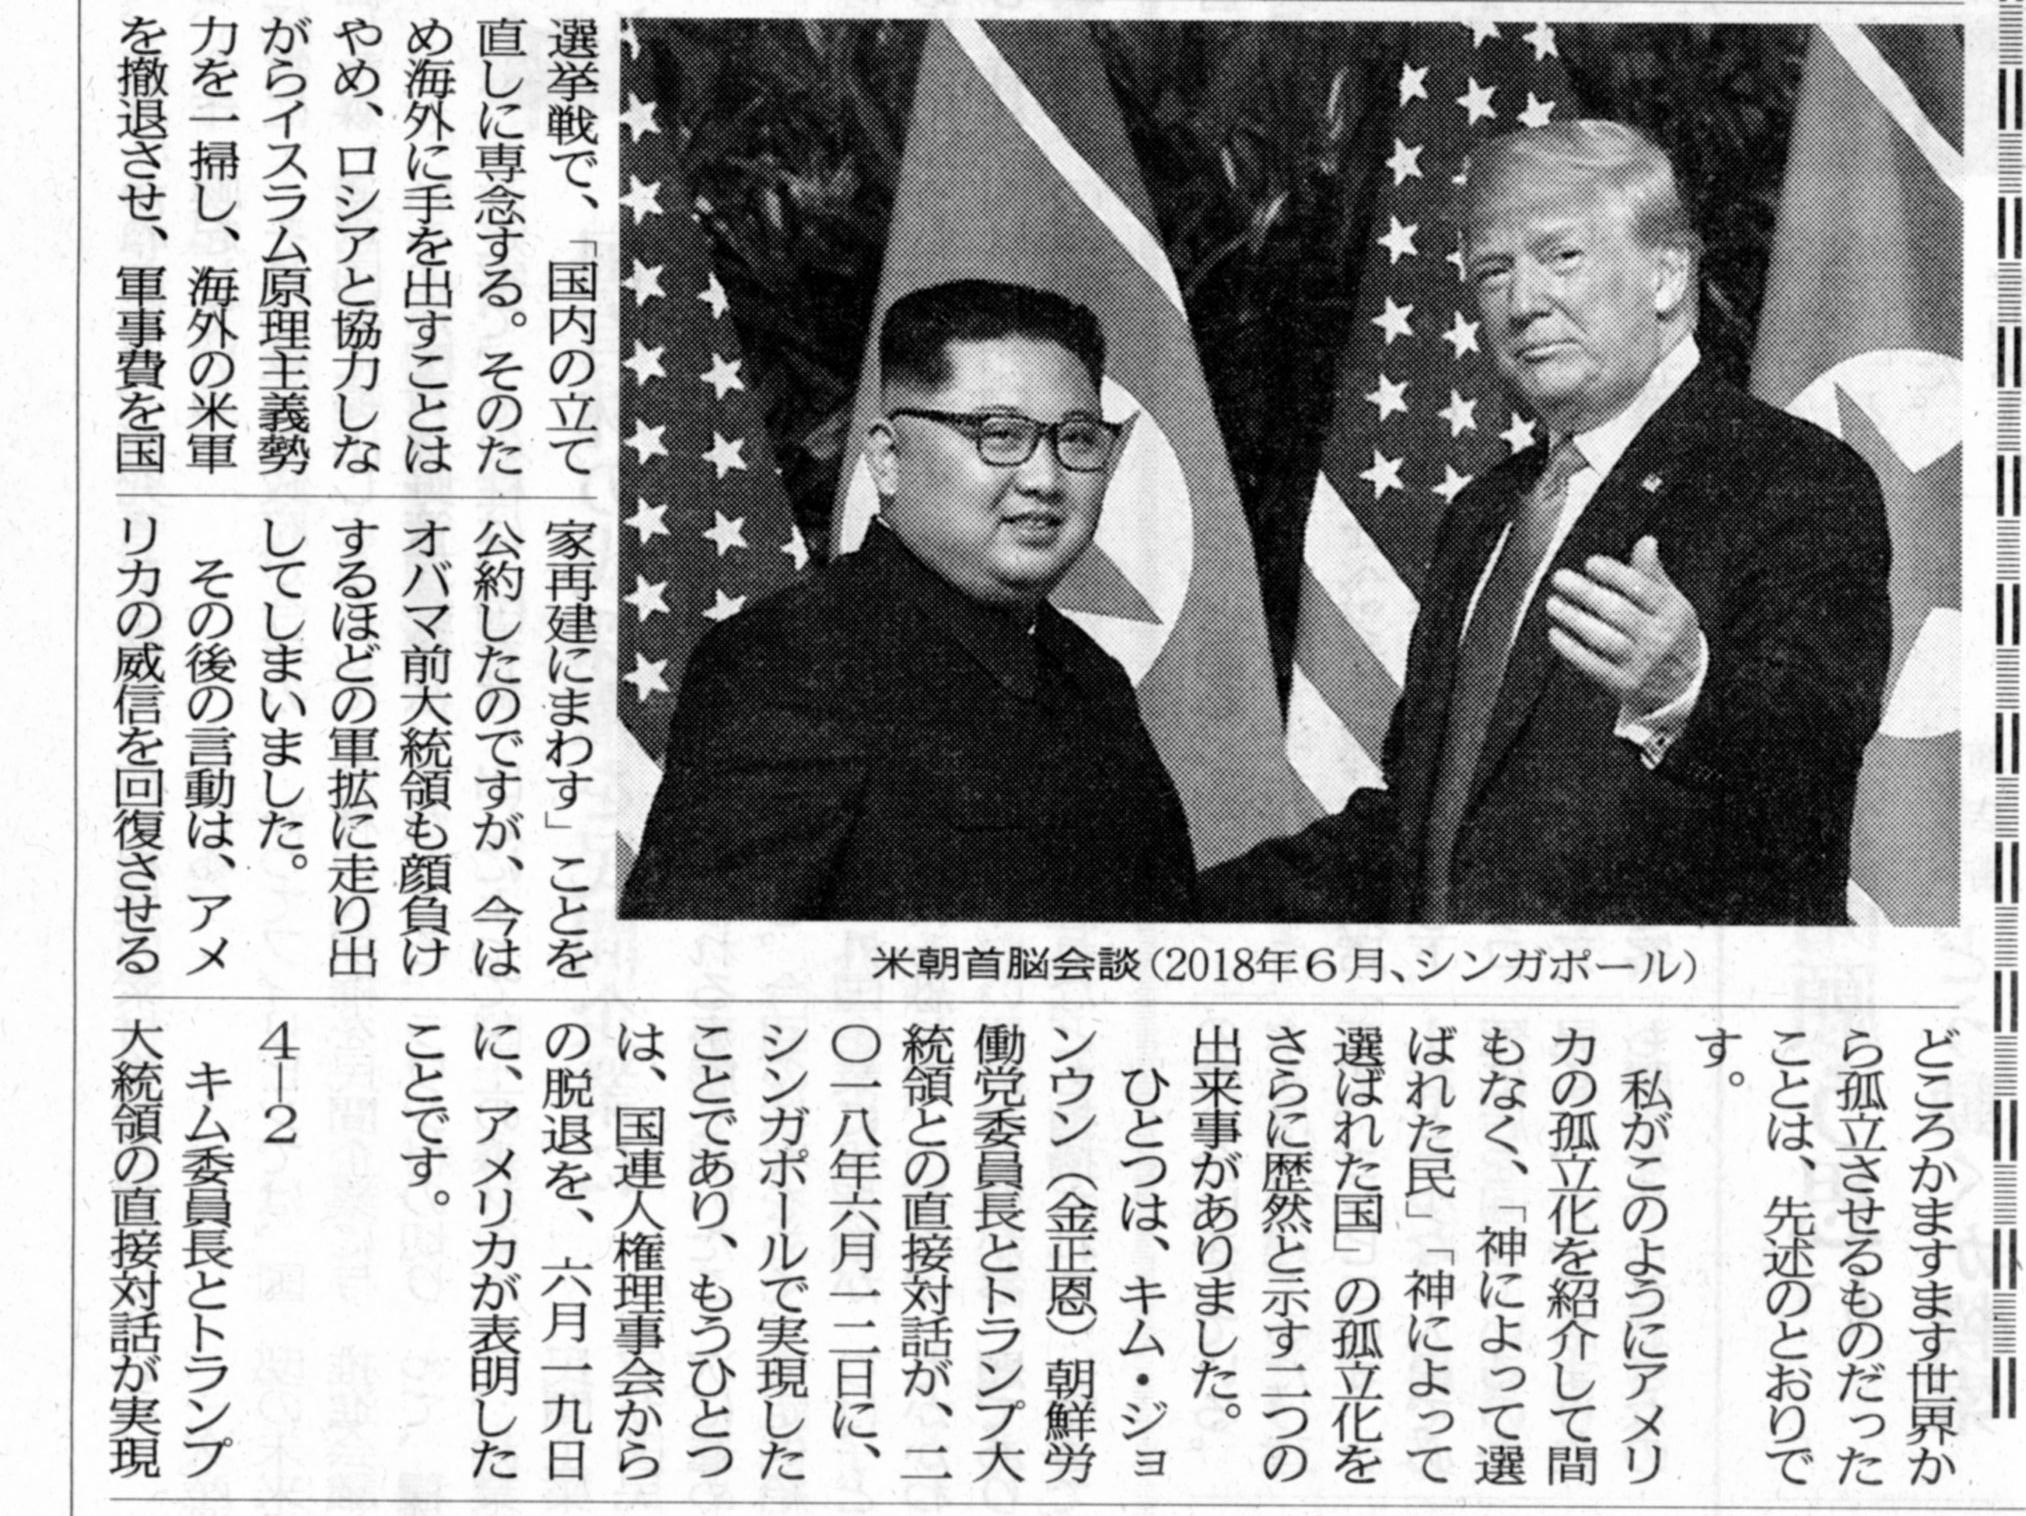 長州新聞20190210神に選ばれた国と神に選ばれた民に未来はあるか③215